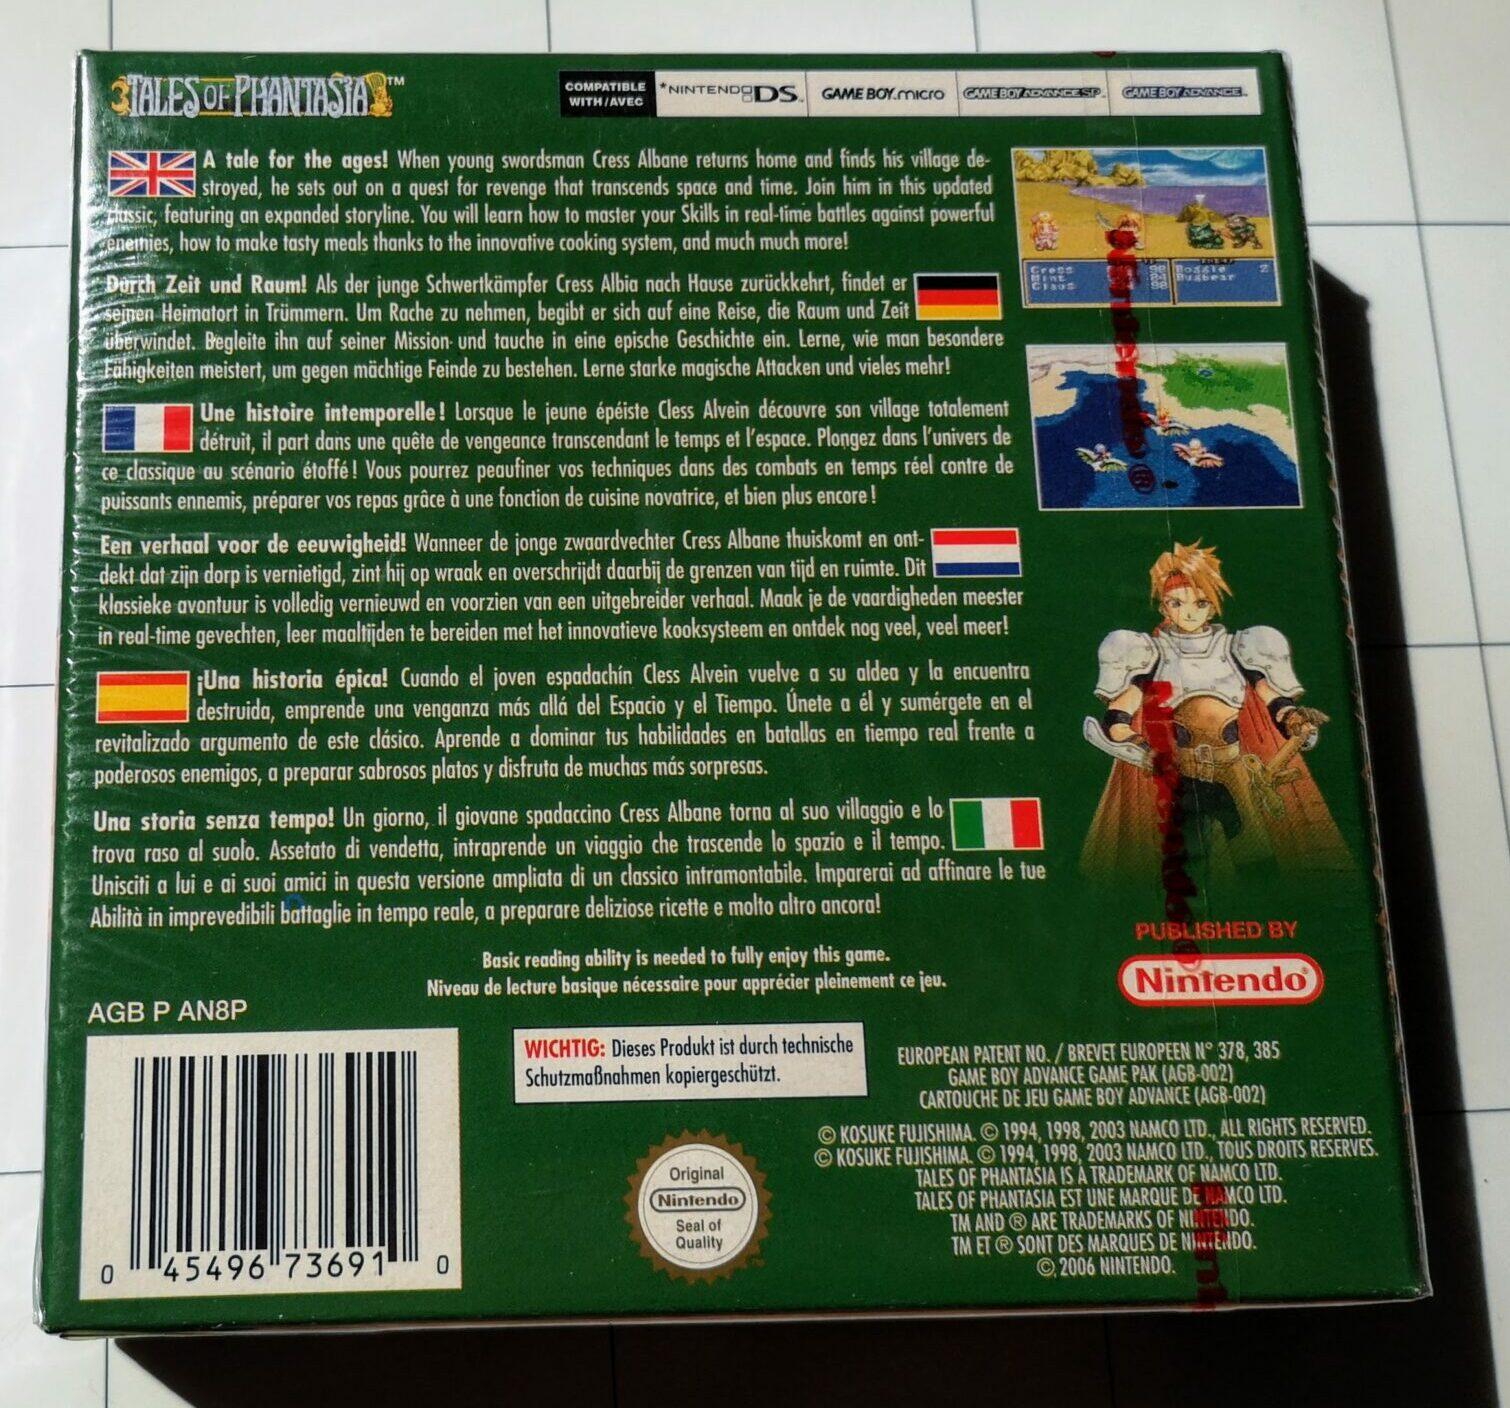 Tales of Phantasia (2006 Nintendo Game Boy Advance), dettaglio per colori della copertina retro